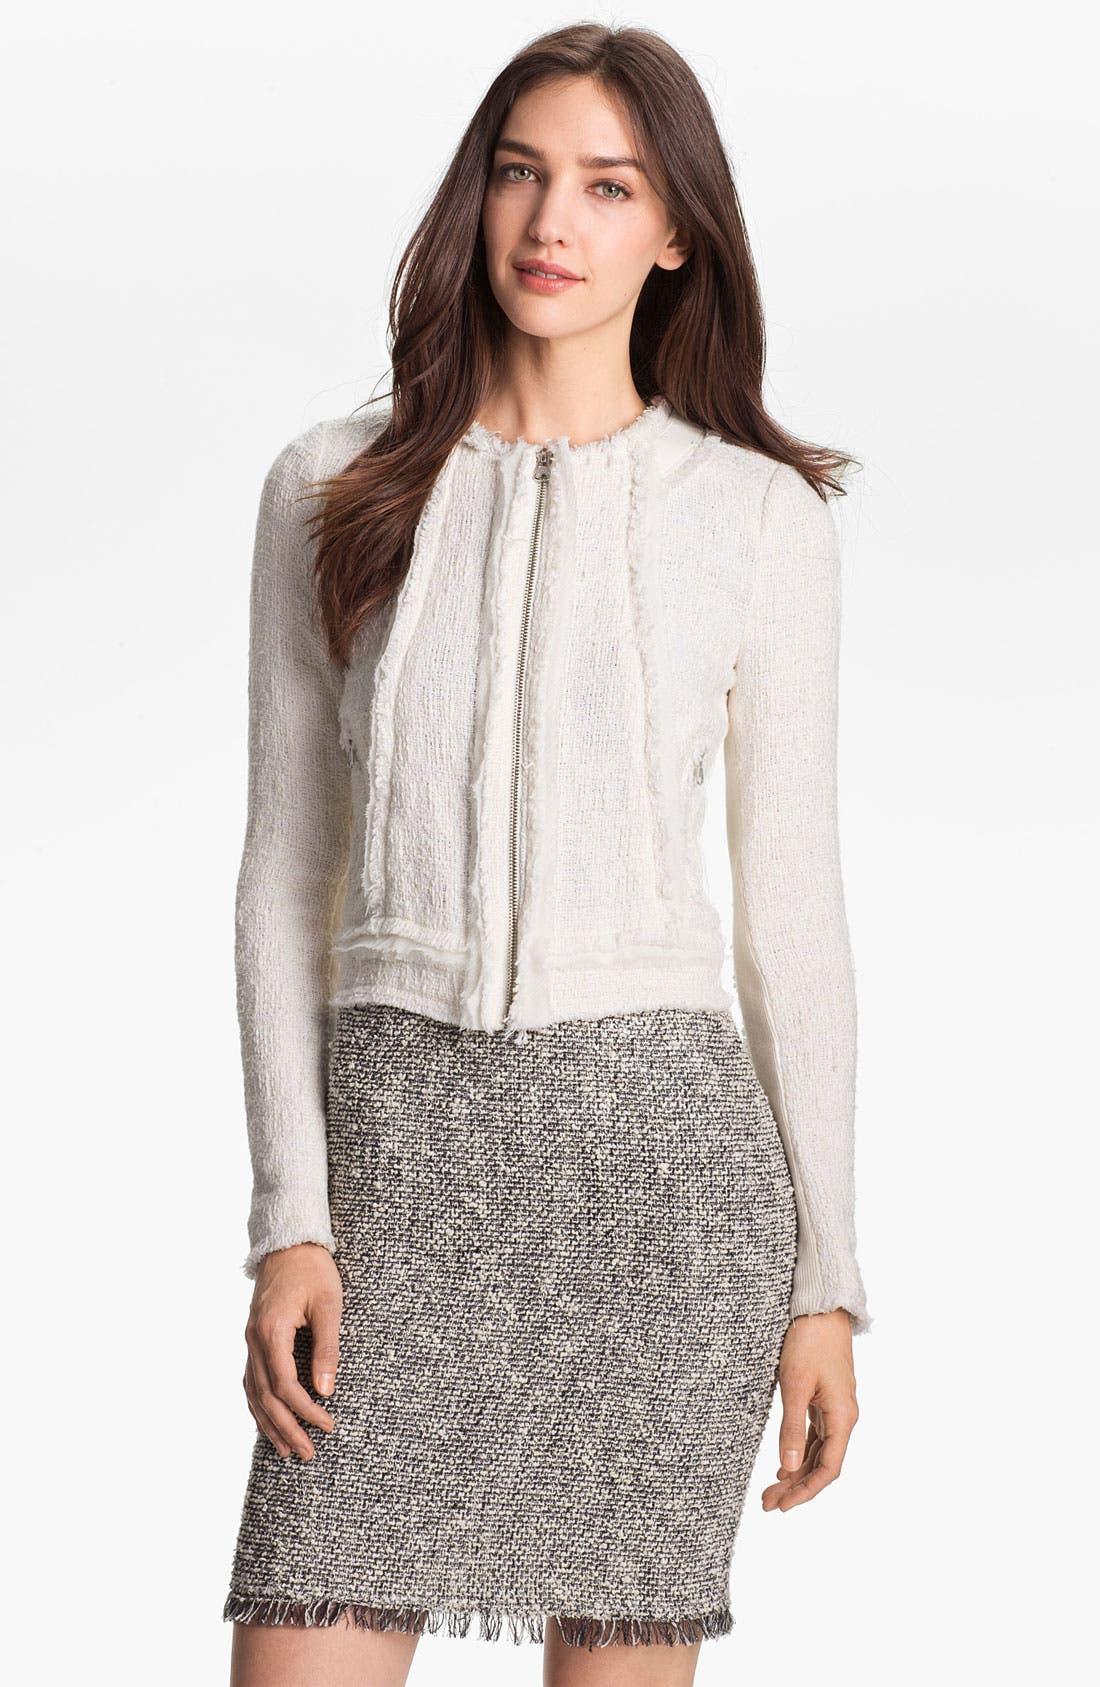 Alternate Image 1 Selected - Rebecca Taylor Crop Tweed Jacket